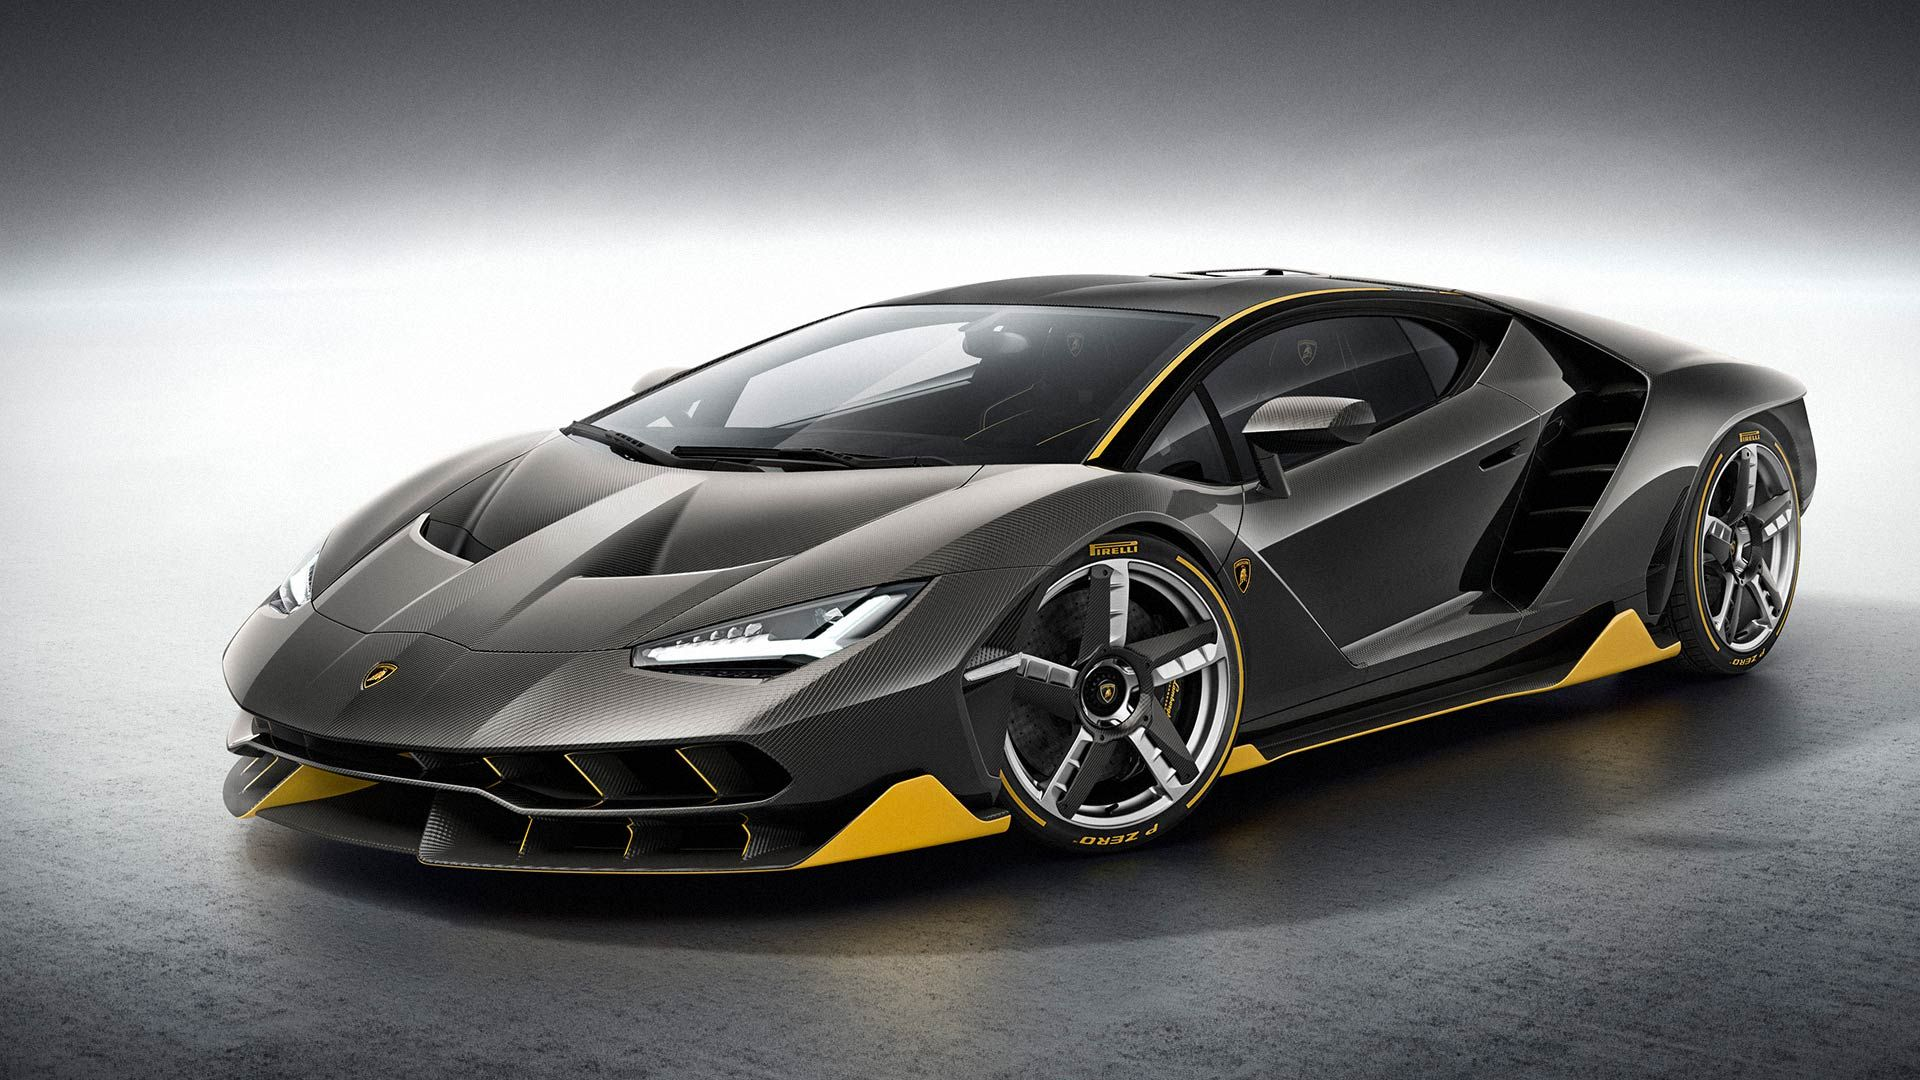 The Coolest Replicas Of Supercars Like Lamborghini Porsche And - Cool cars bugatti